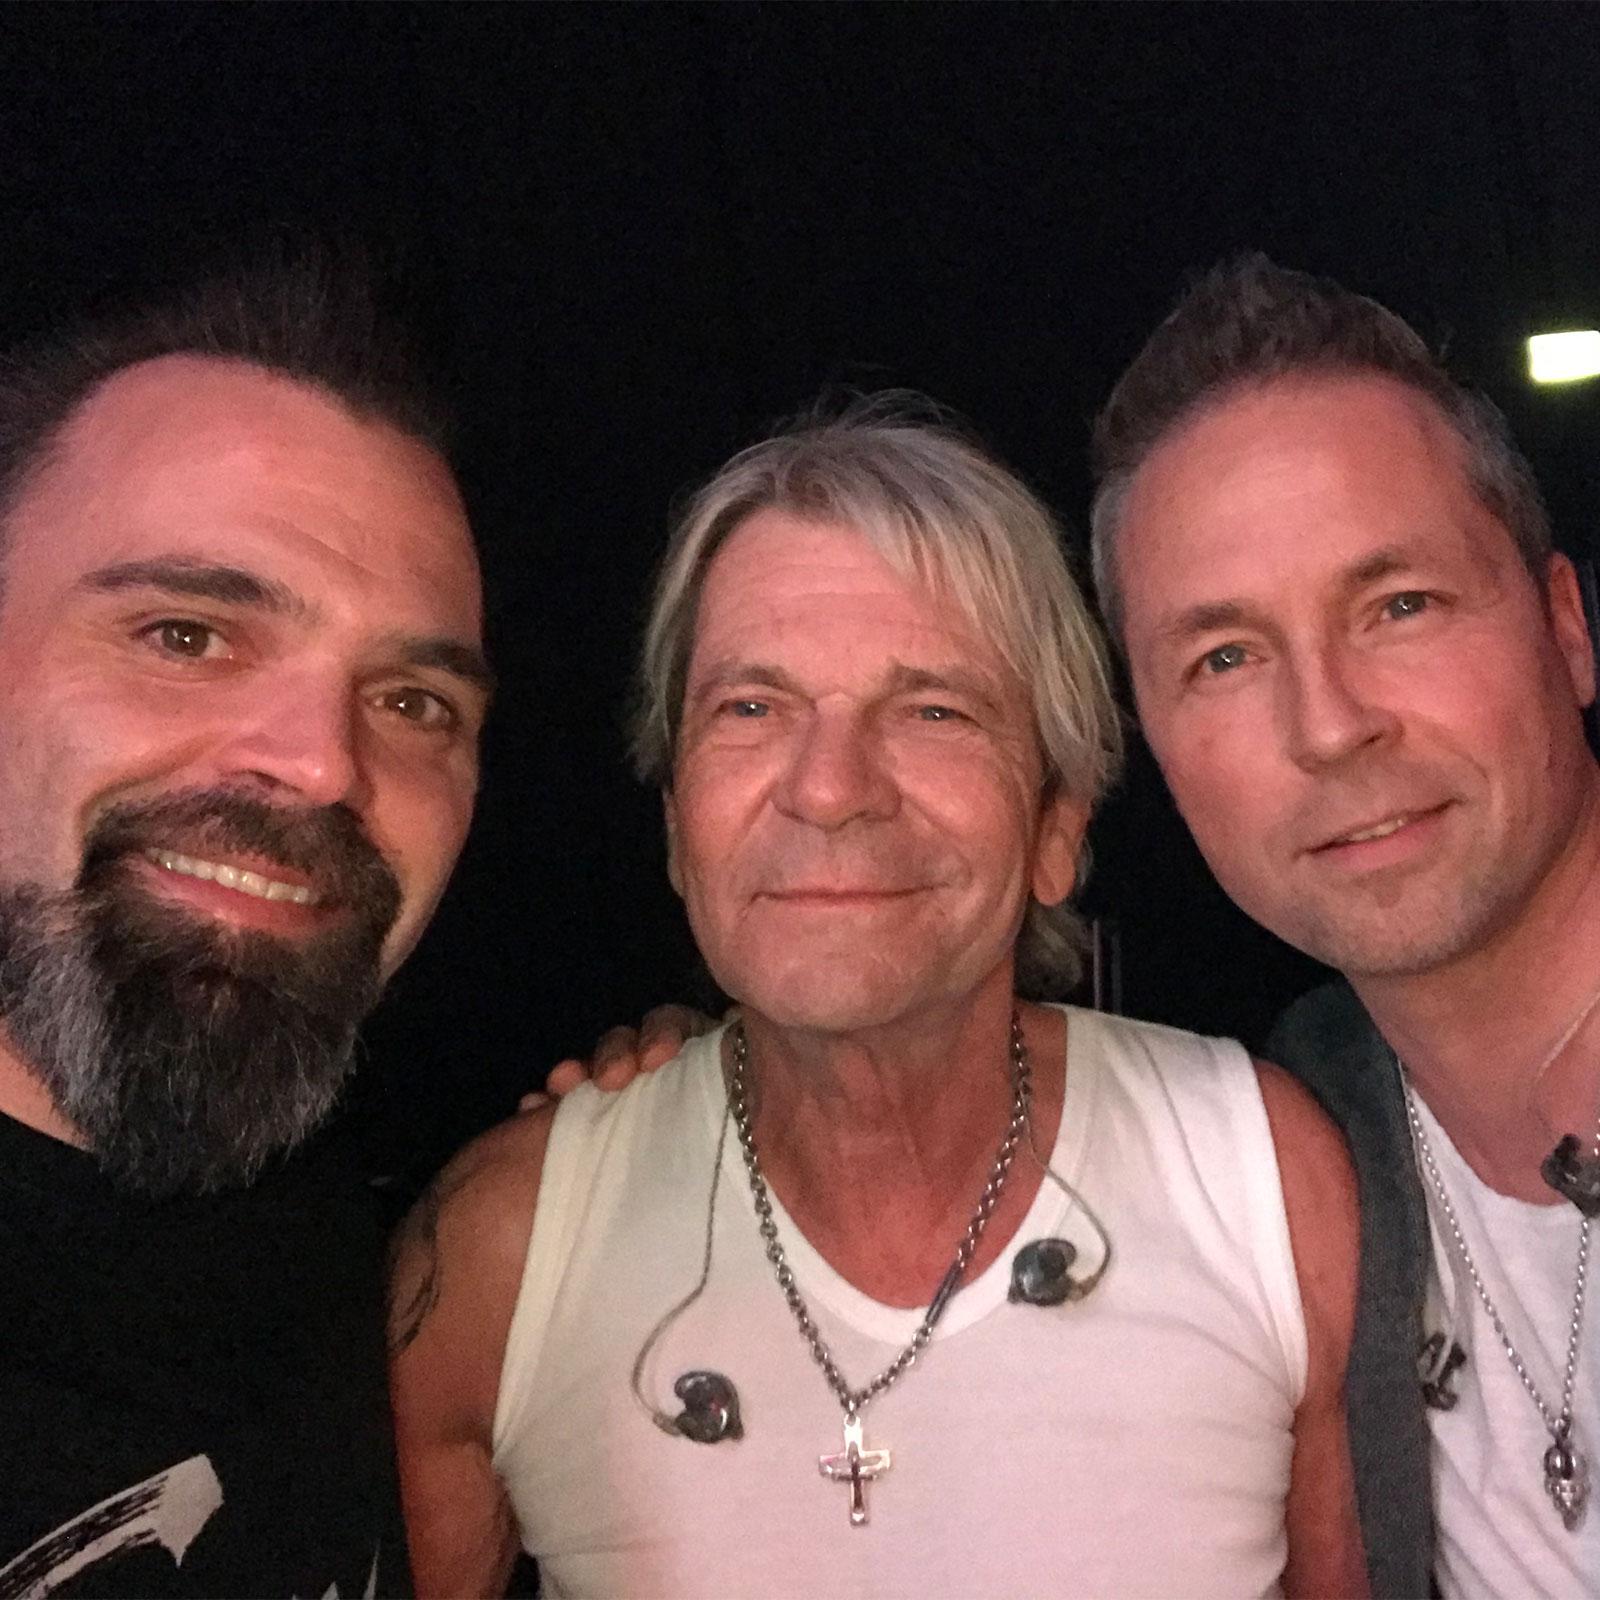 DJ Lollo mit Matthias Reim und Mitch Keller